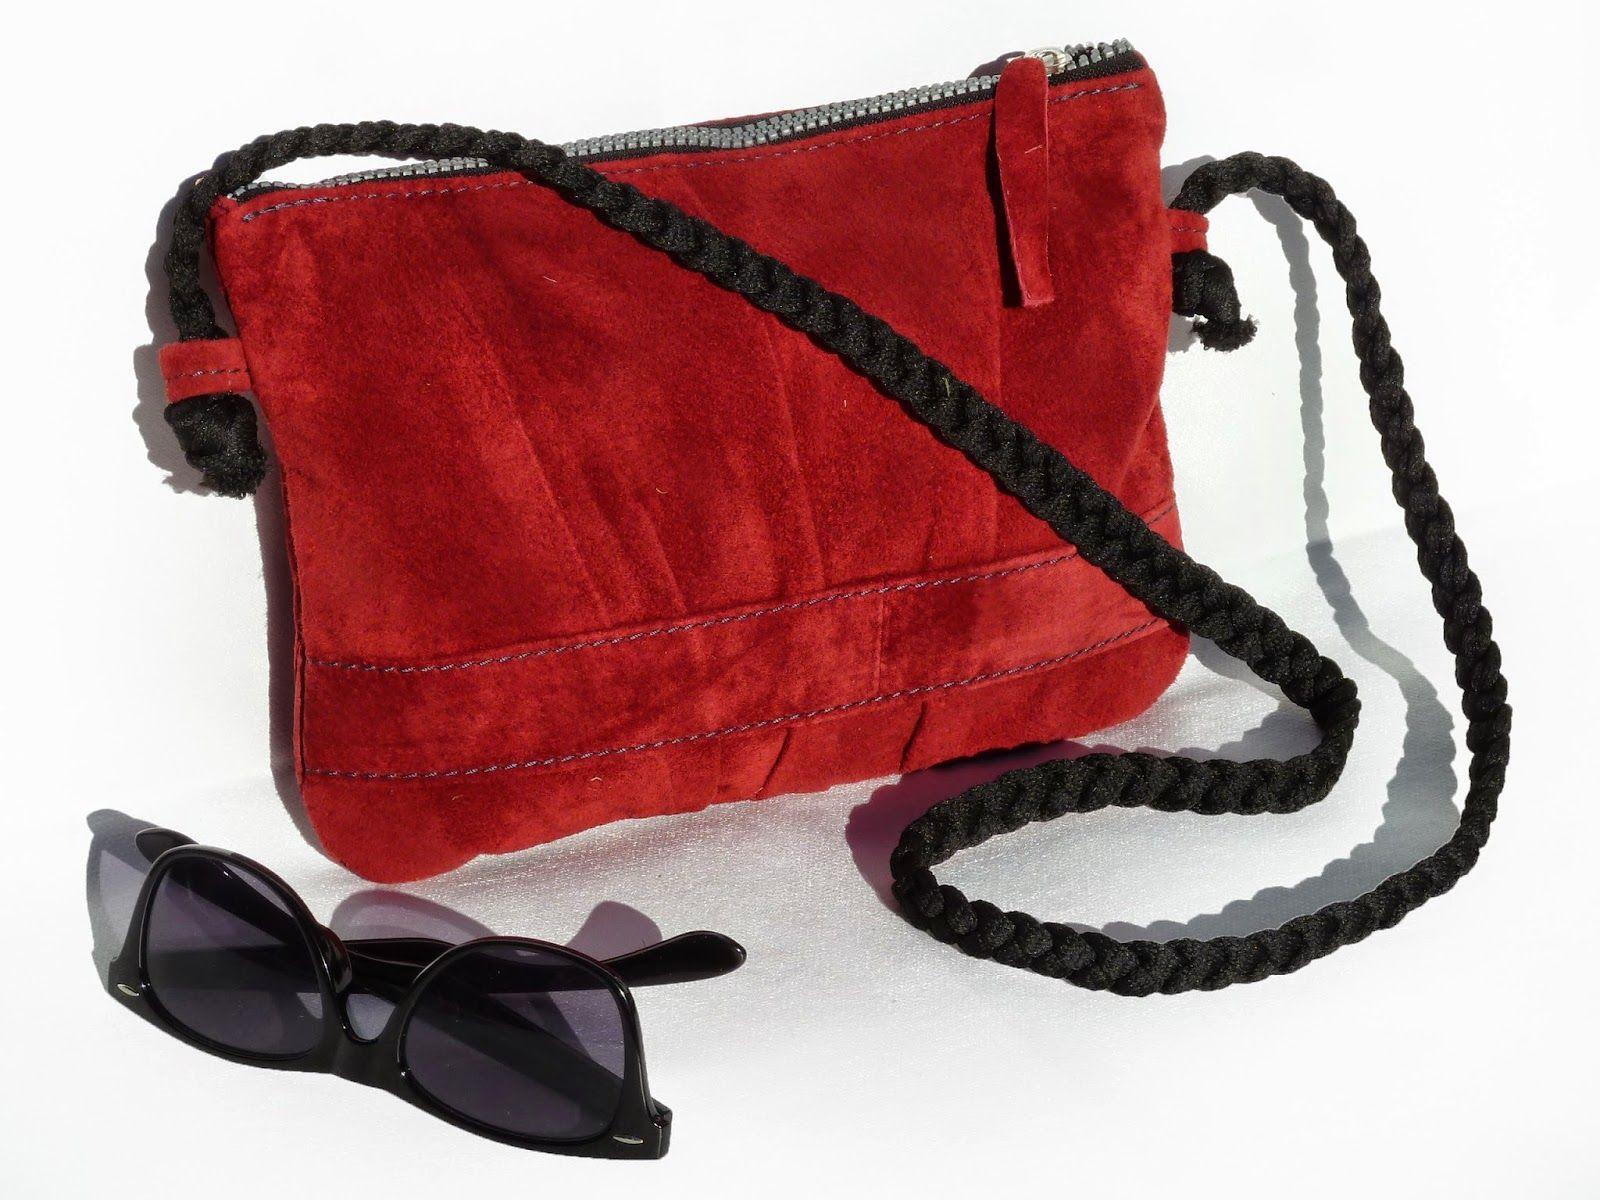 ENNYES. Recycled leather bags. Bolsos de cuero reciclado.